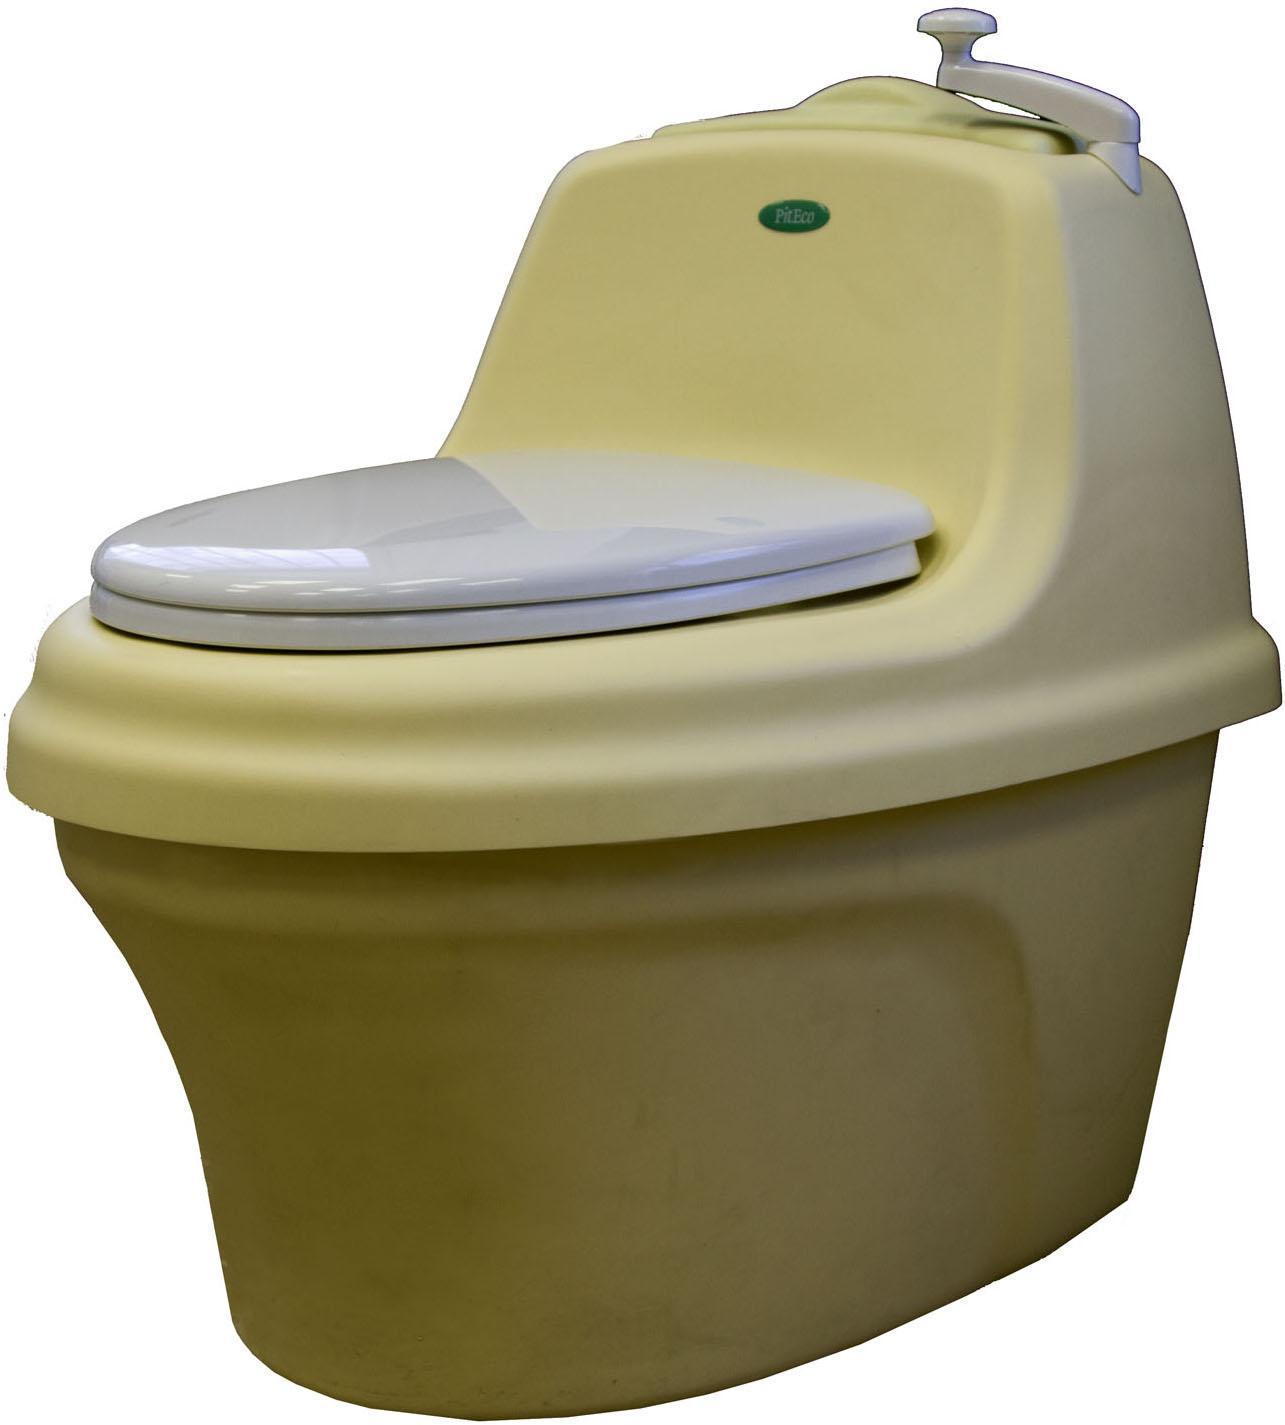 Биотуалет Piteco 20119201Торфяной биотуалет Piteco – это автономный компостирующий туалет, которому не требуется подсоединения к системе канализации и водоснабжения. Конструкция биотуалета разработана с целью создания максимально благоприятных условий для компостирования органических отходов. Комплектация: соединительная муфта x1, комплект труб x1, совок x1, шланг для дренажа с хомутами x1, торфяная смесь 30л. x1, труба вентиляционная (длина 80 см, диаметр 75 мм) с соединительными муфтами x4, дренажный шланг x1, гофрошланг с соединительными хомутами x1